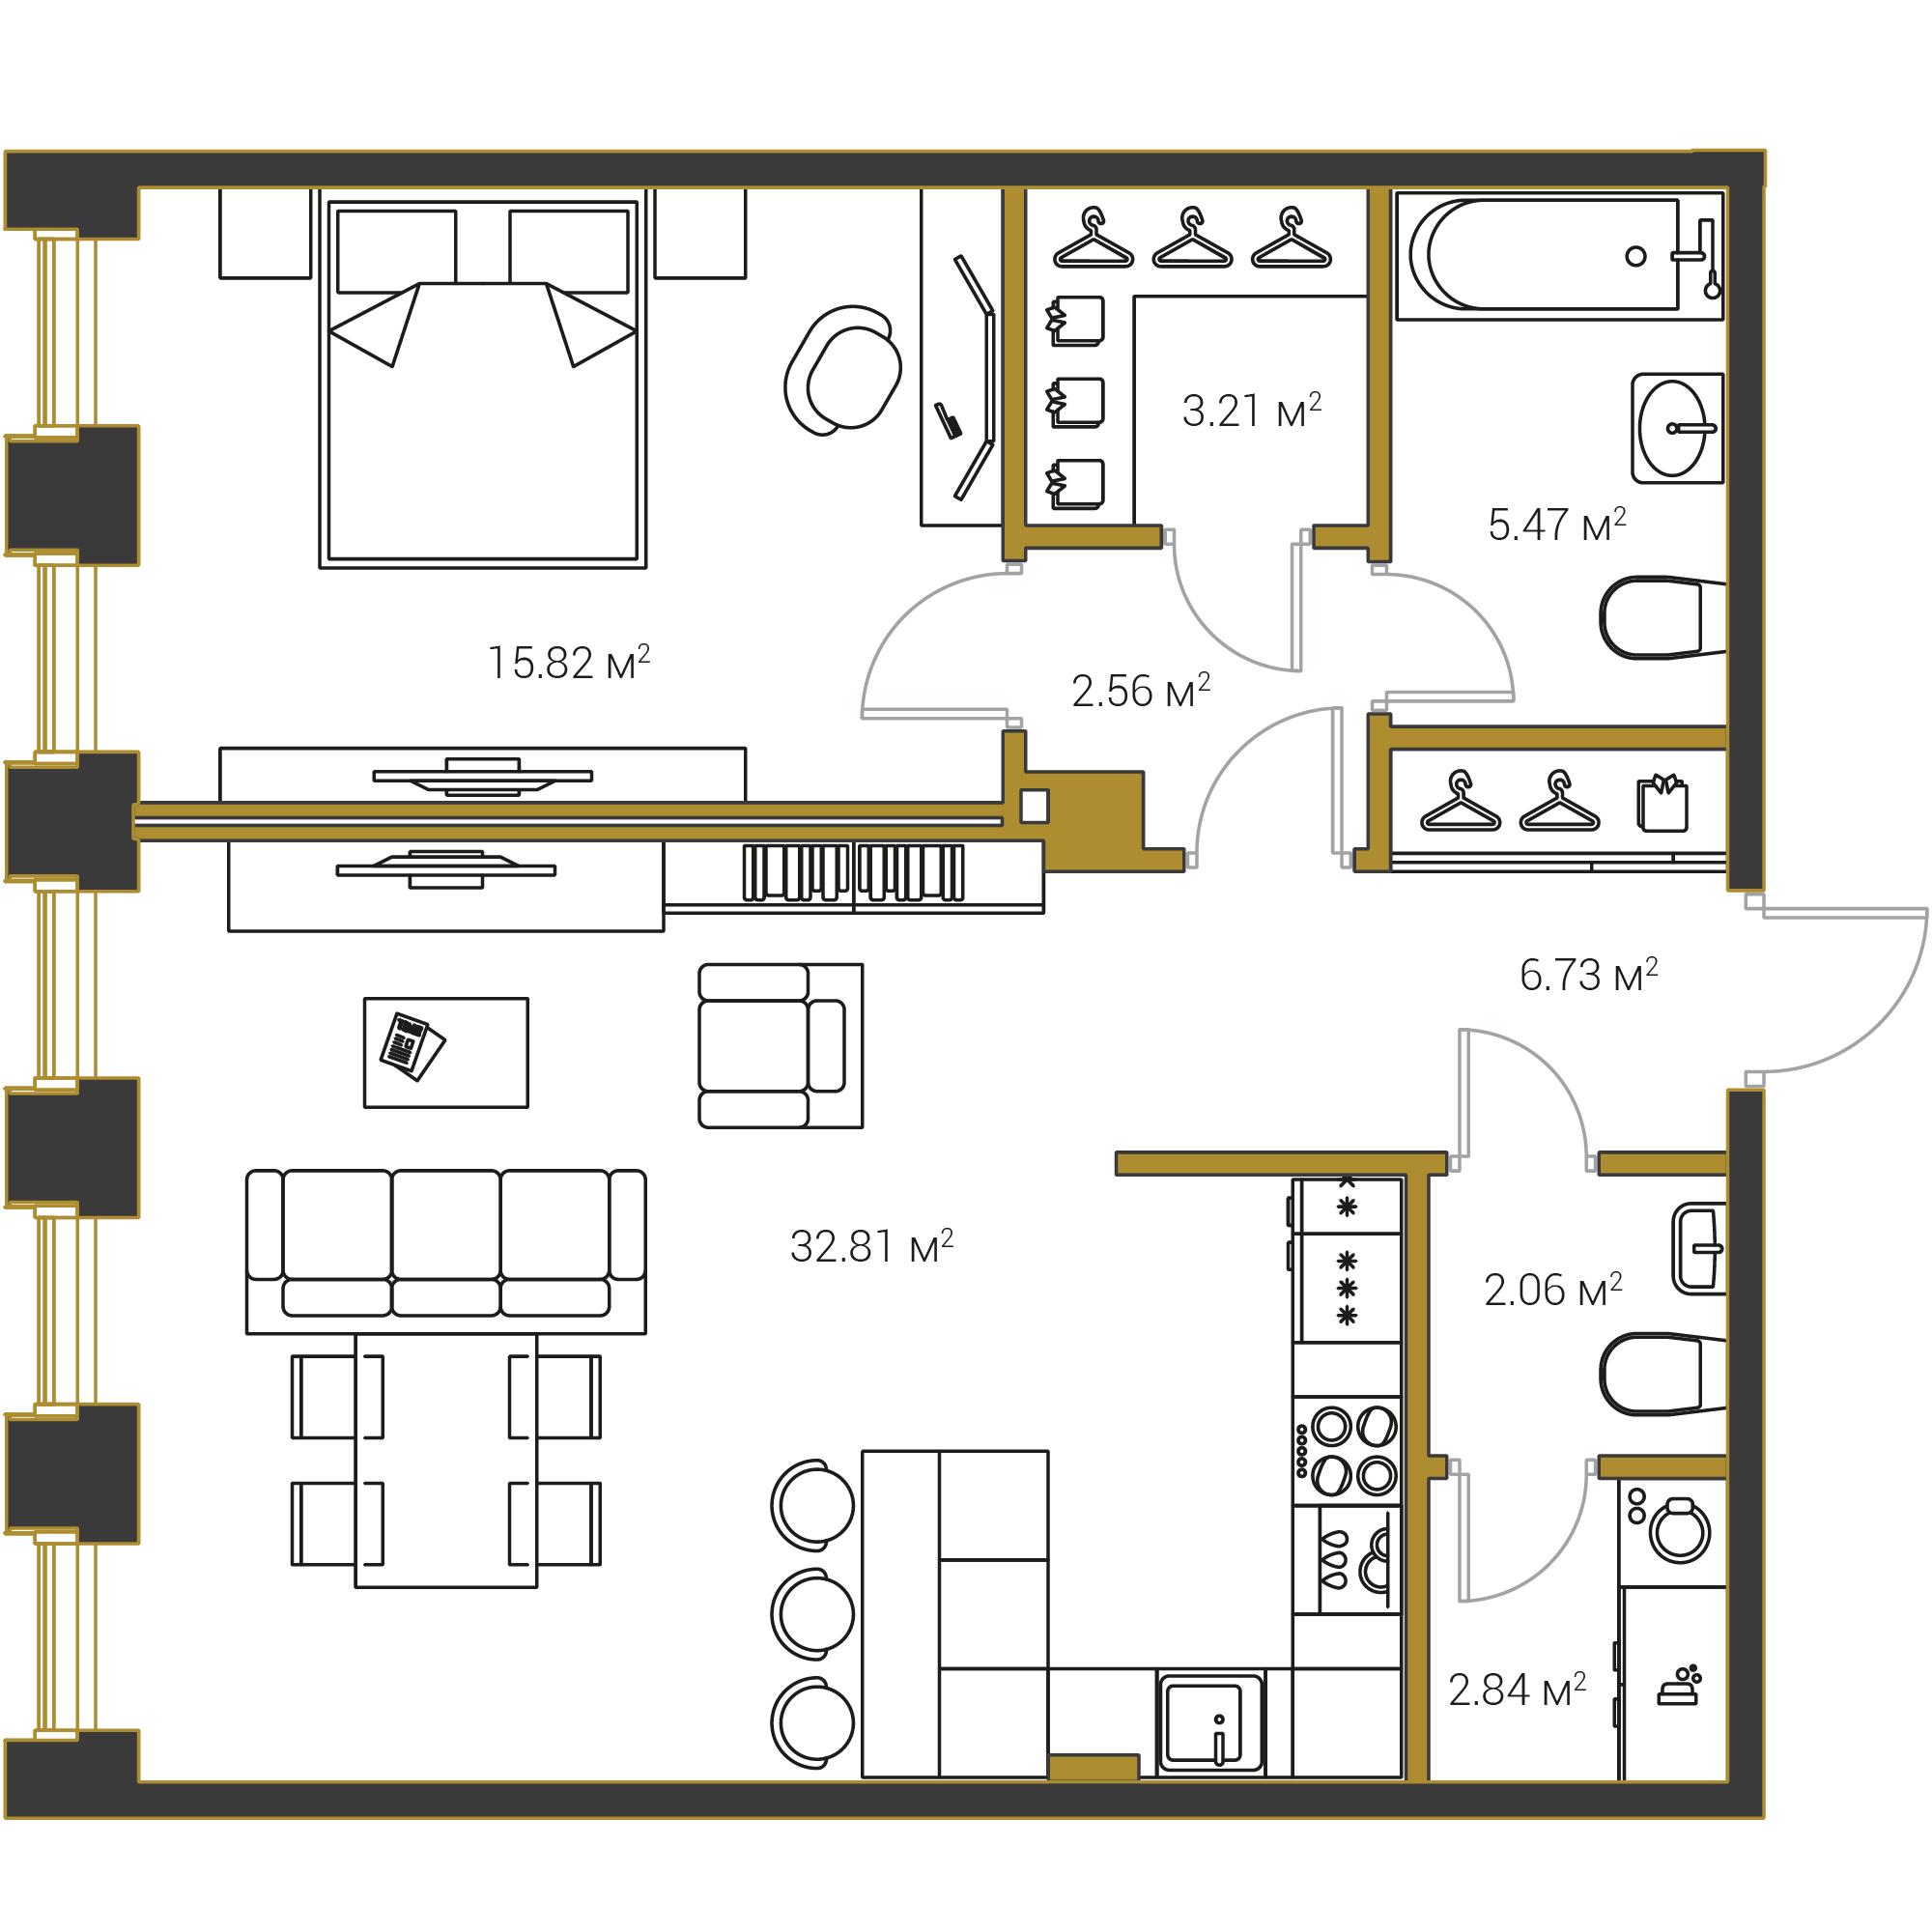 1-комнатная квартира №16 в: Институтский,16: 71.5 м²; этаж: 17 - купить в Санкт-Петербурге